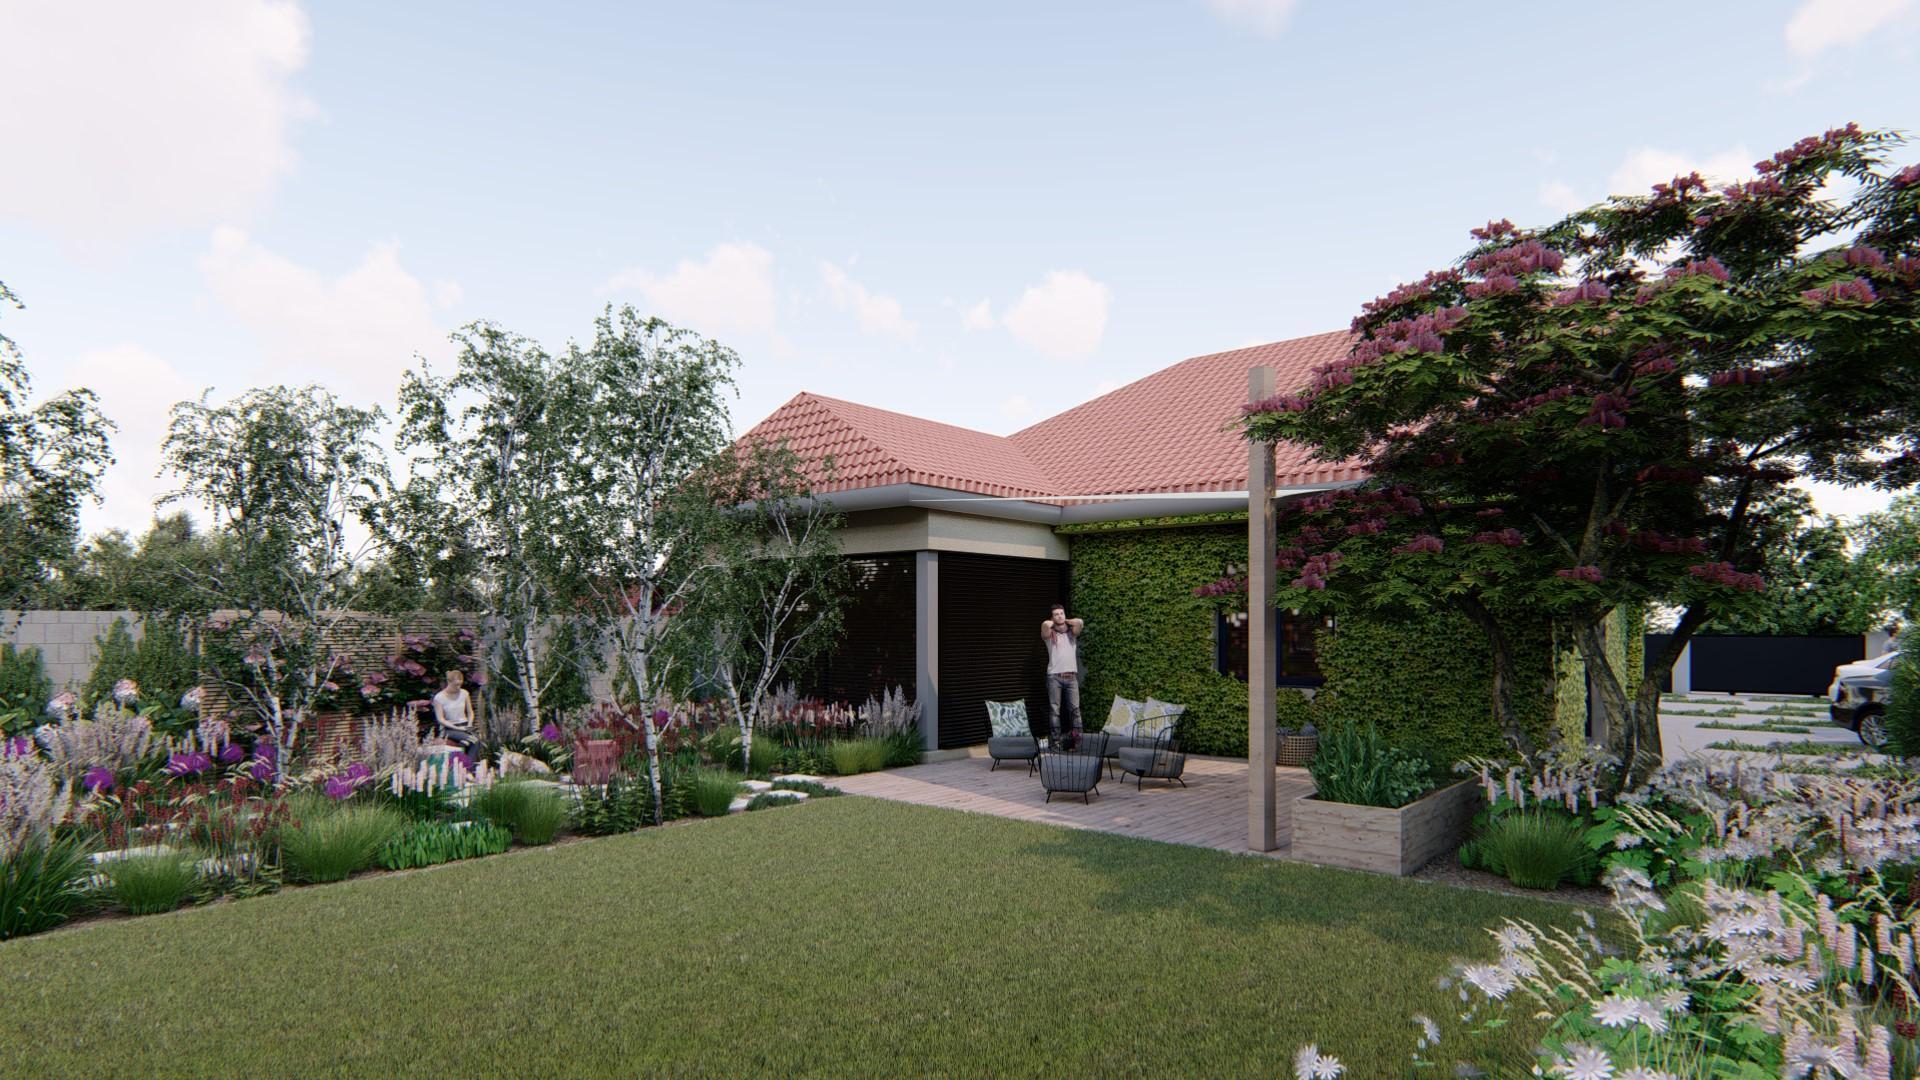 Záhrada s brezami - Obrázok č. 2